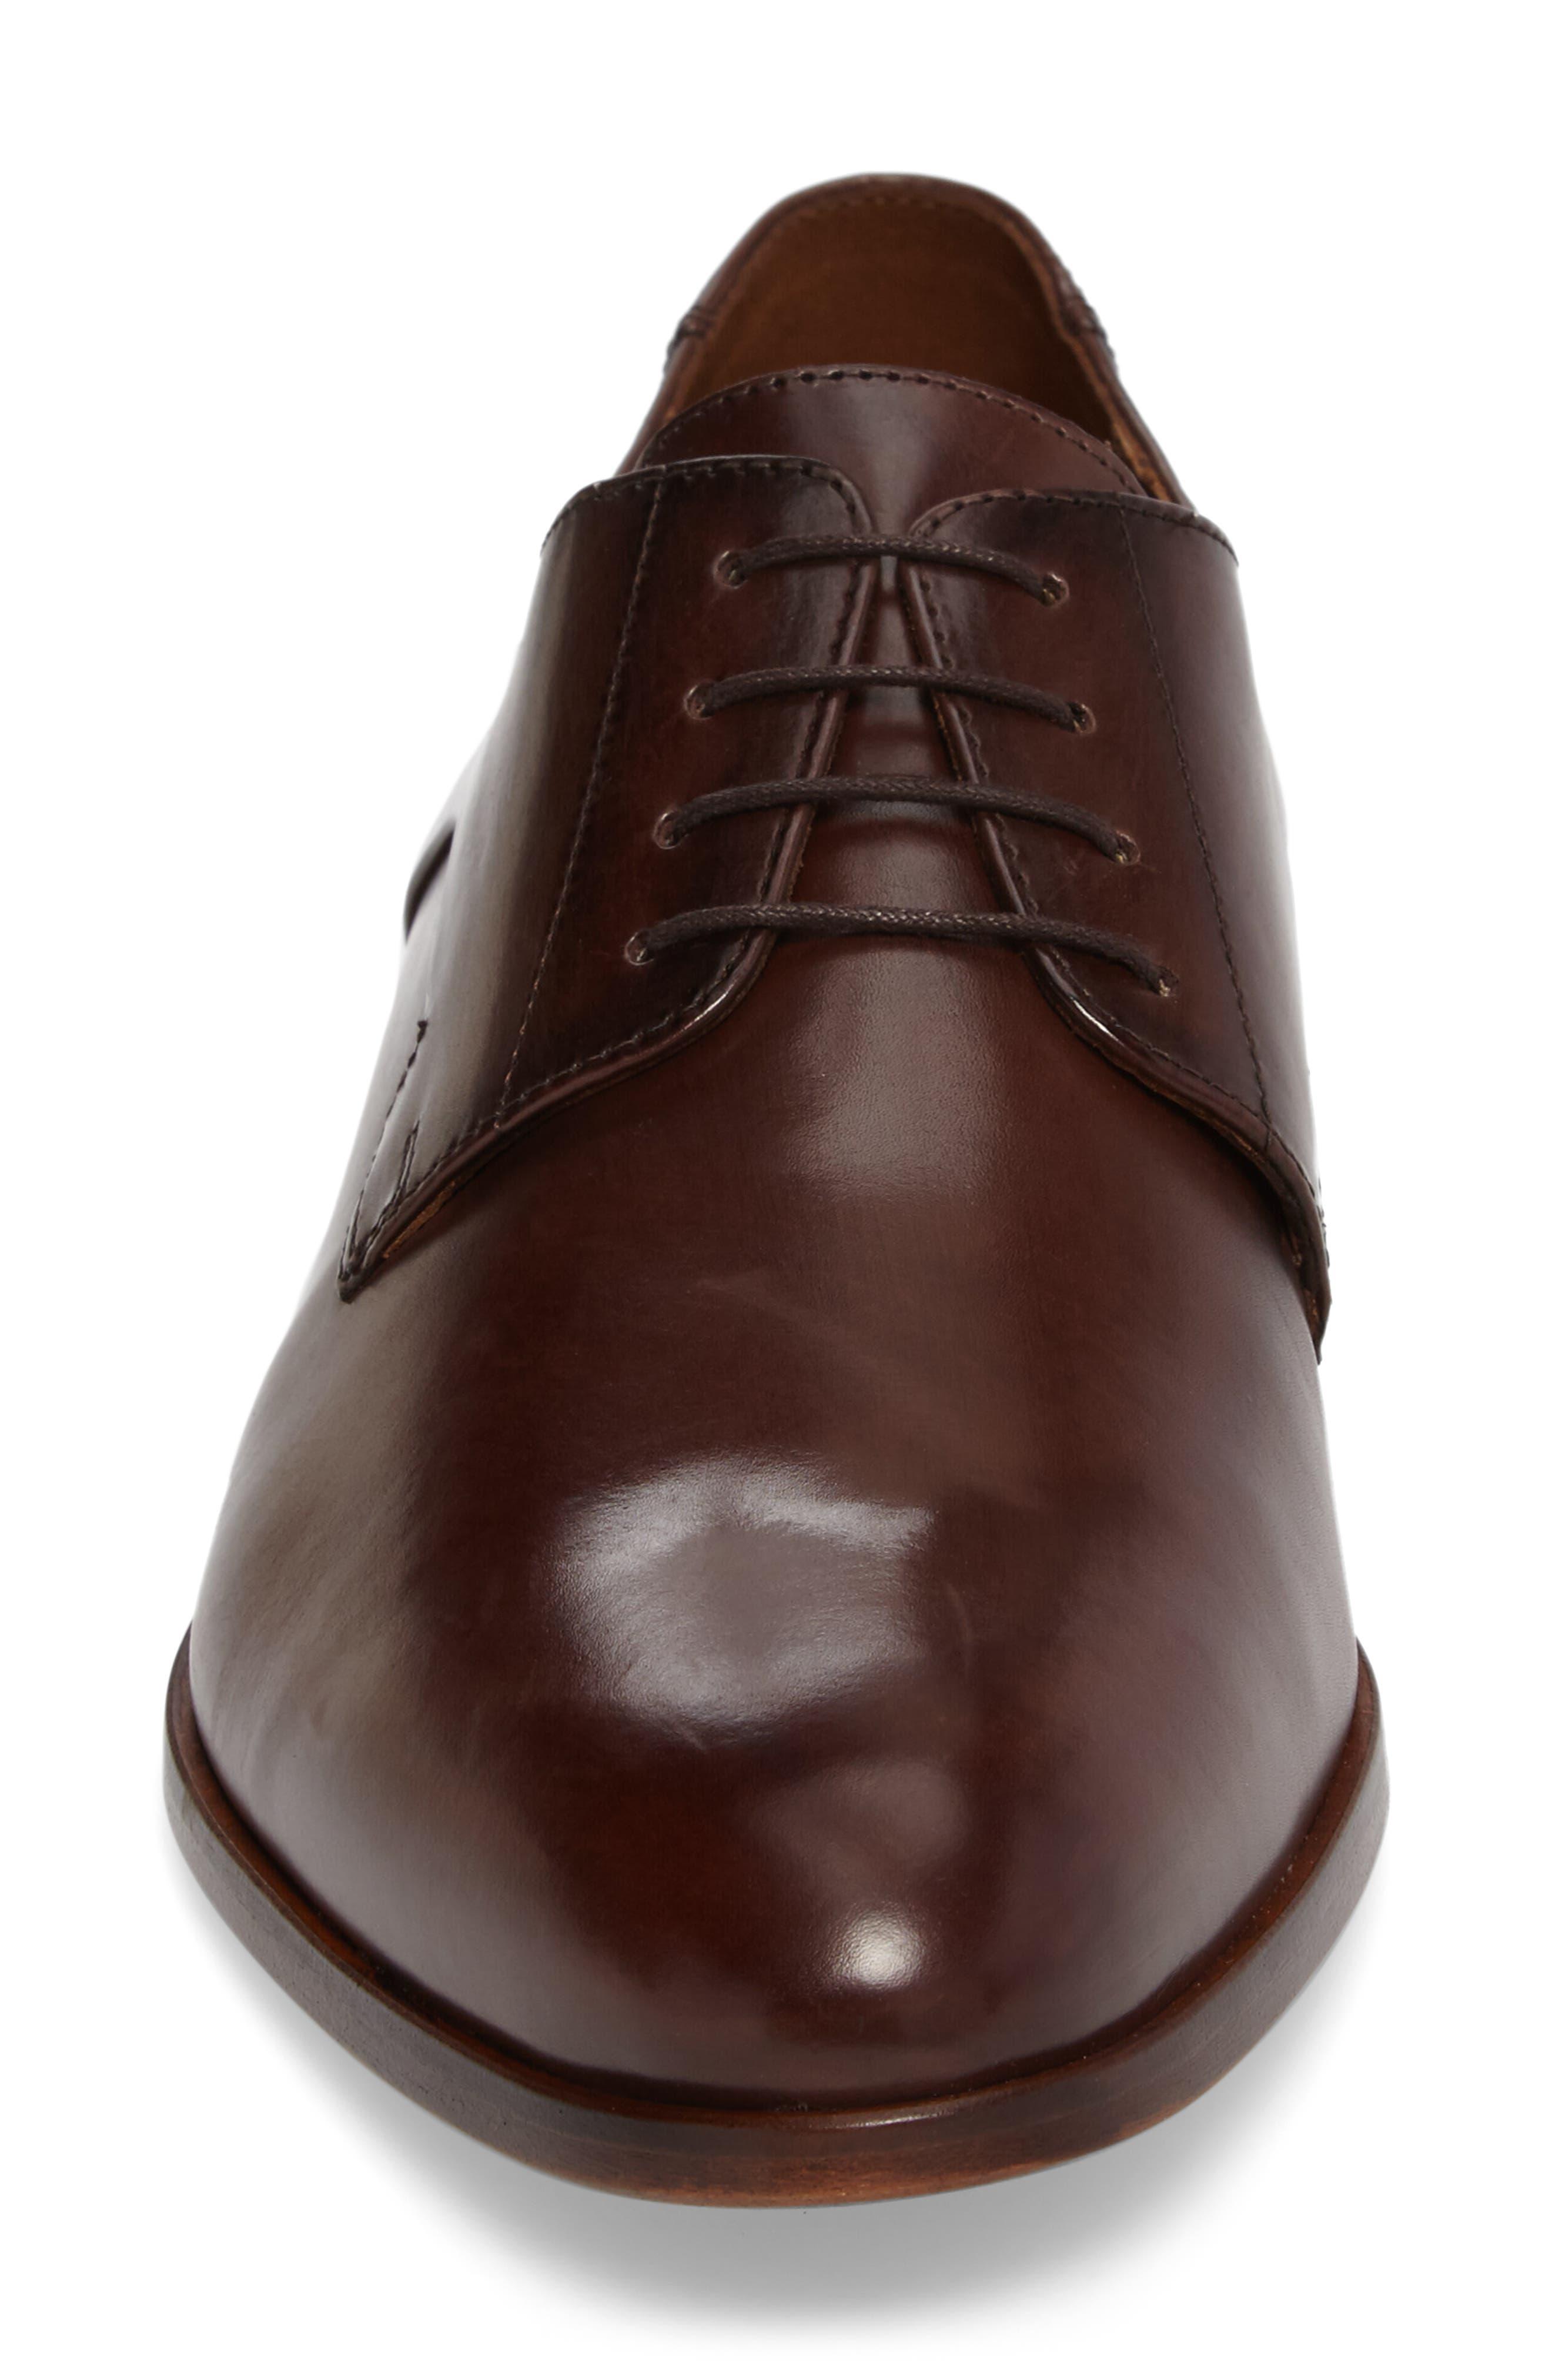 Mannex Plain Toe Derby,                             Alternate thumbnail 4, color,                             T.D.Moro Leather